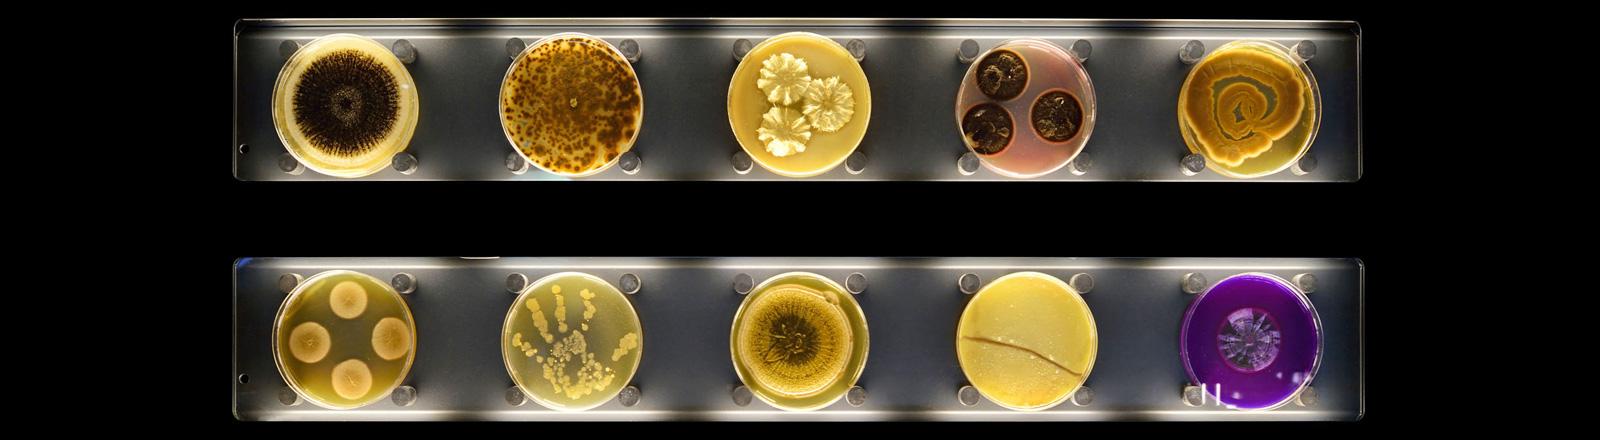 Eine Wand mit Petrischalen mit verschiedenen Mikroorganismen. In gelben, braunen und lila Tönen.